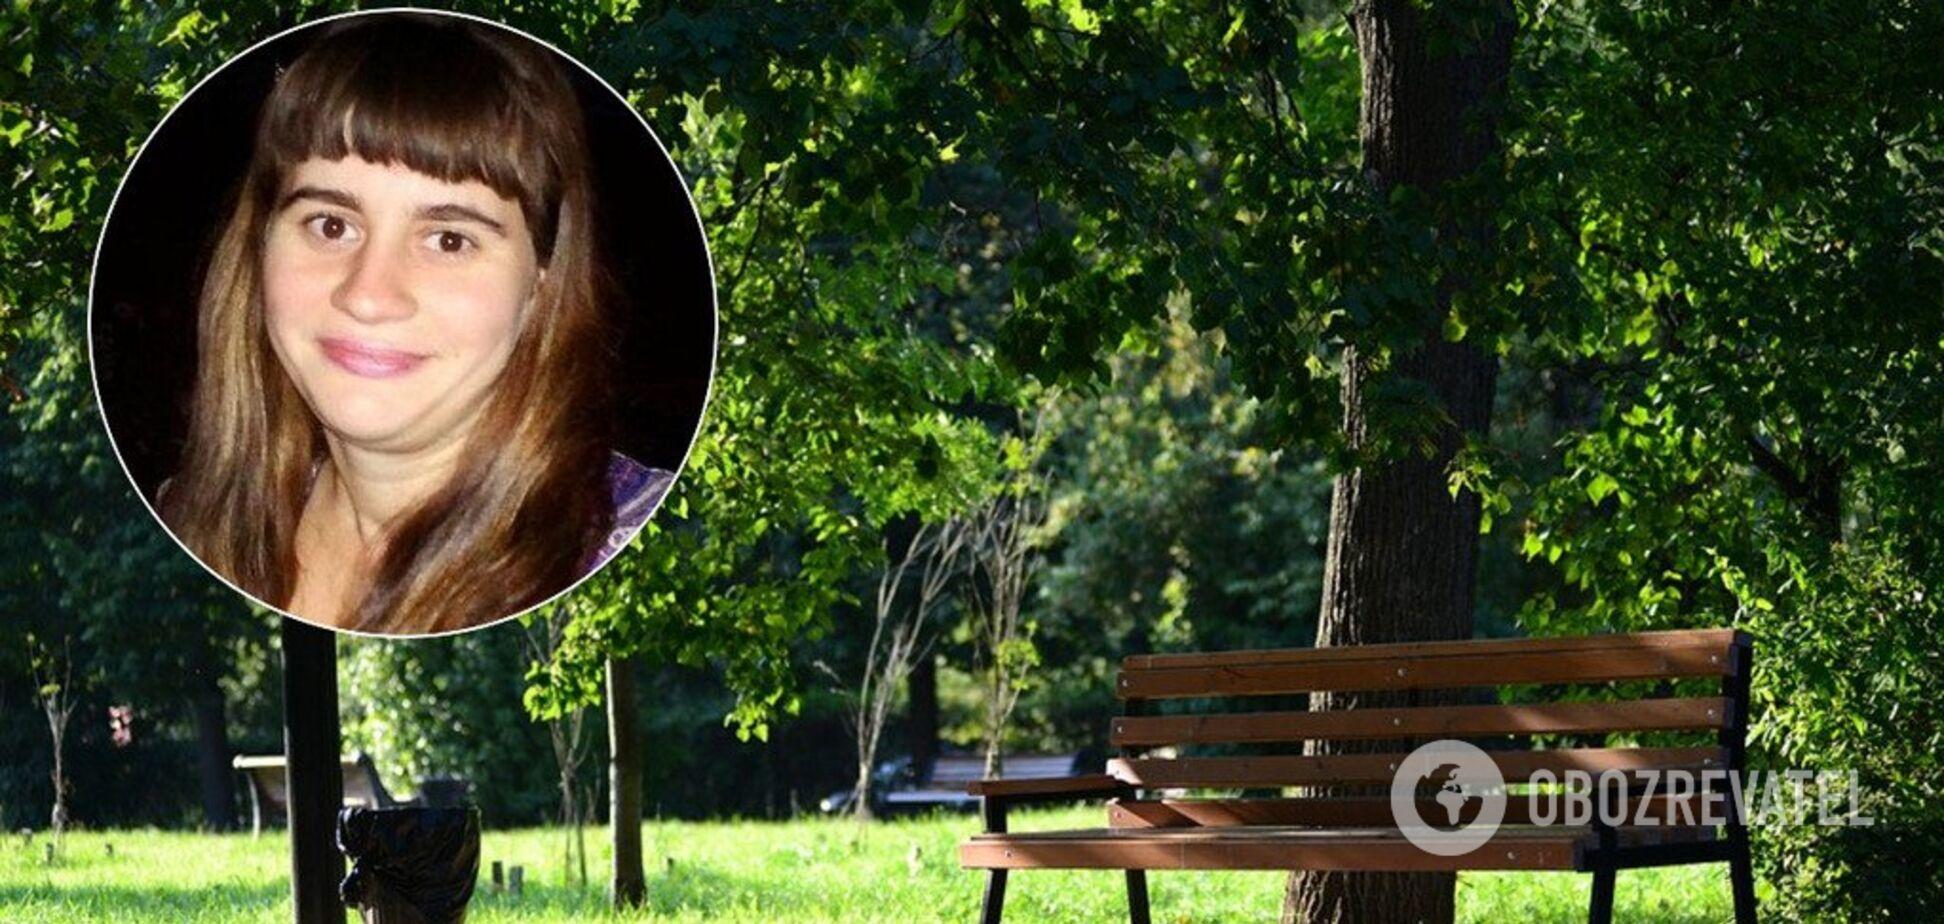 Викинули в парку: історія зі зникненням дівчини під Дніпром отримала сумну розв'язку